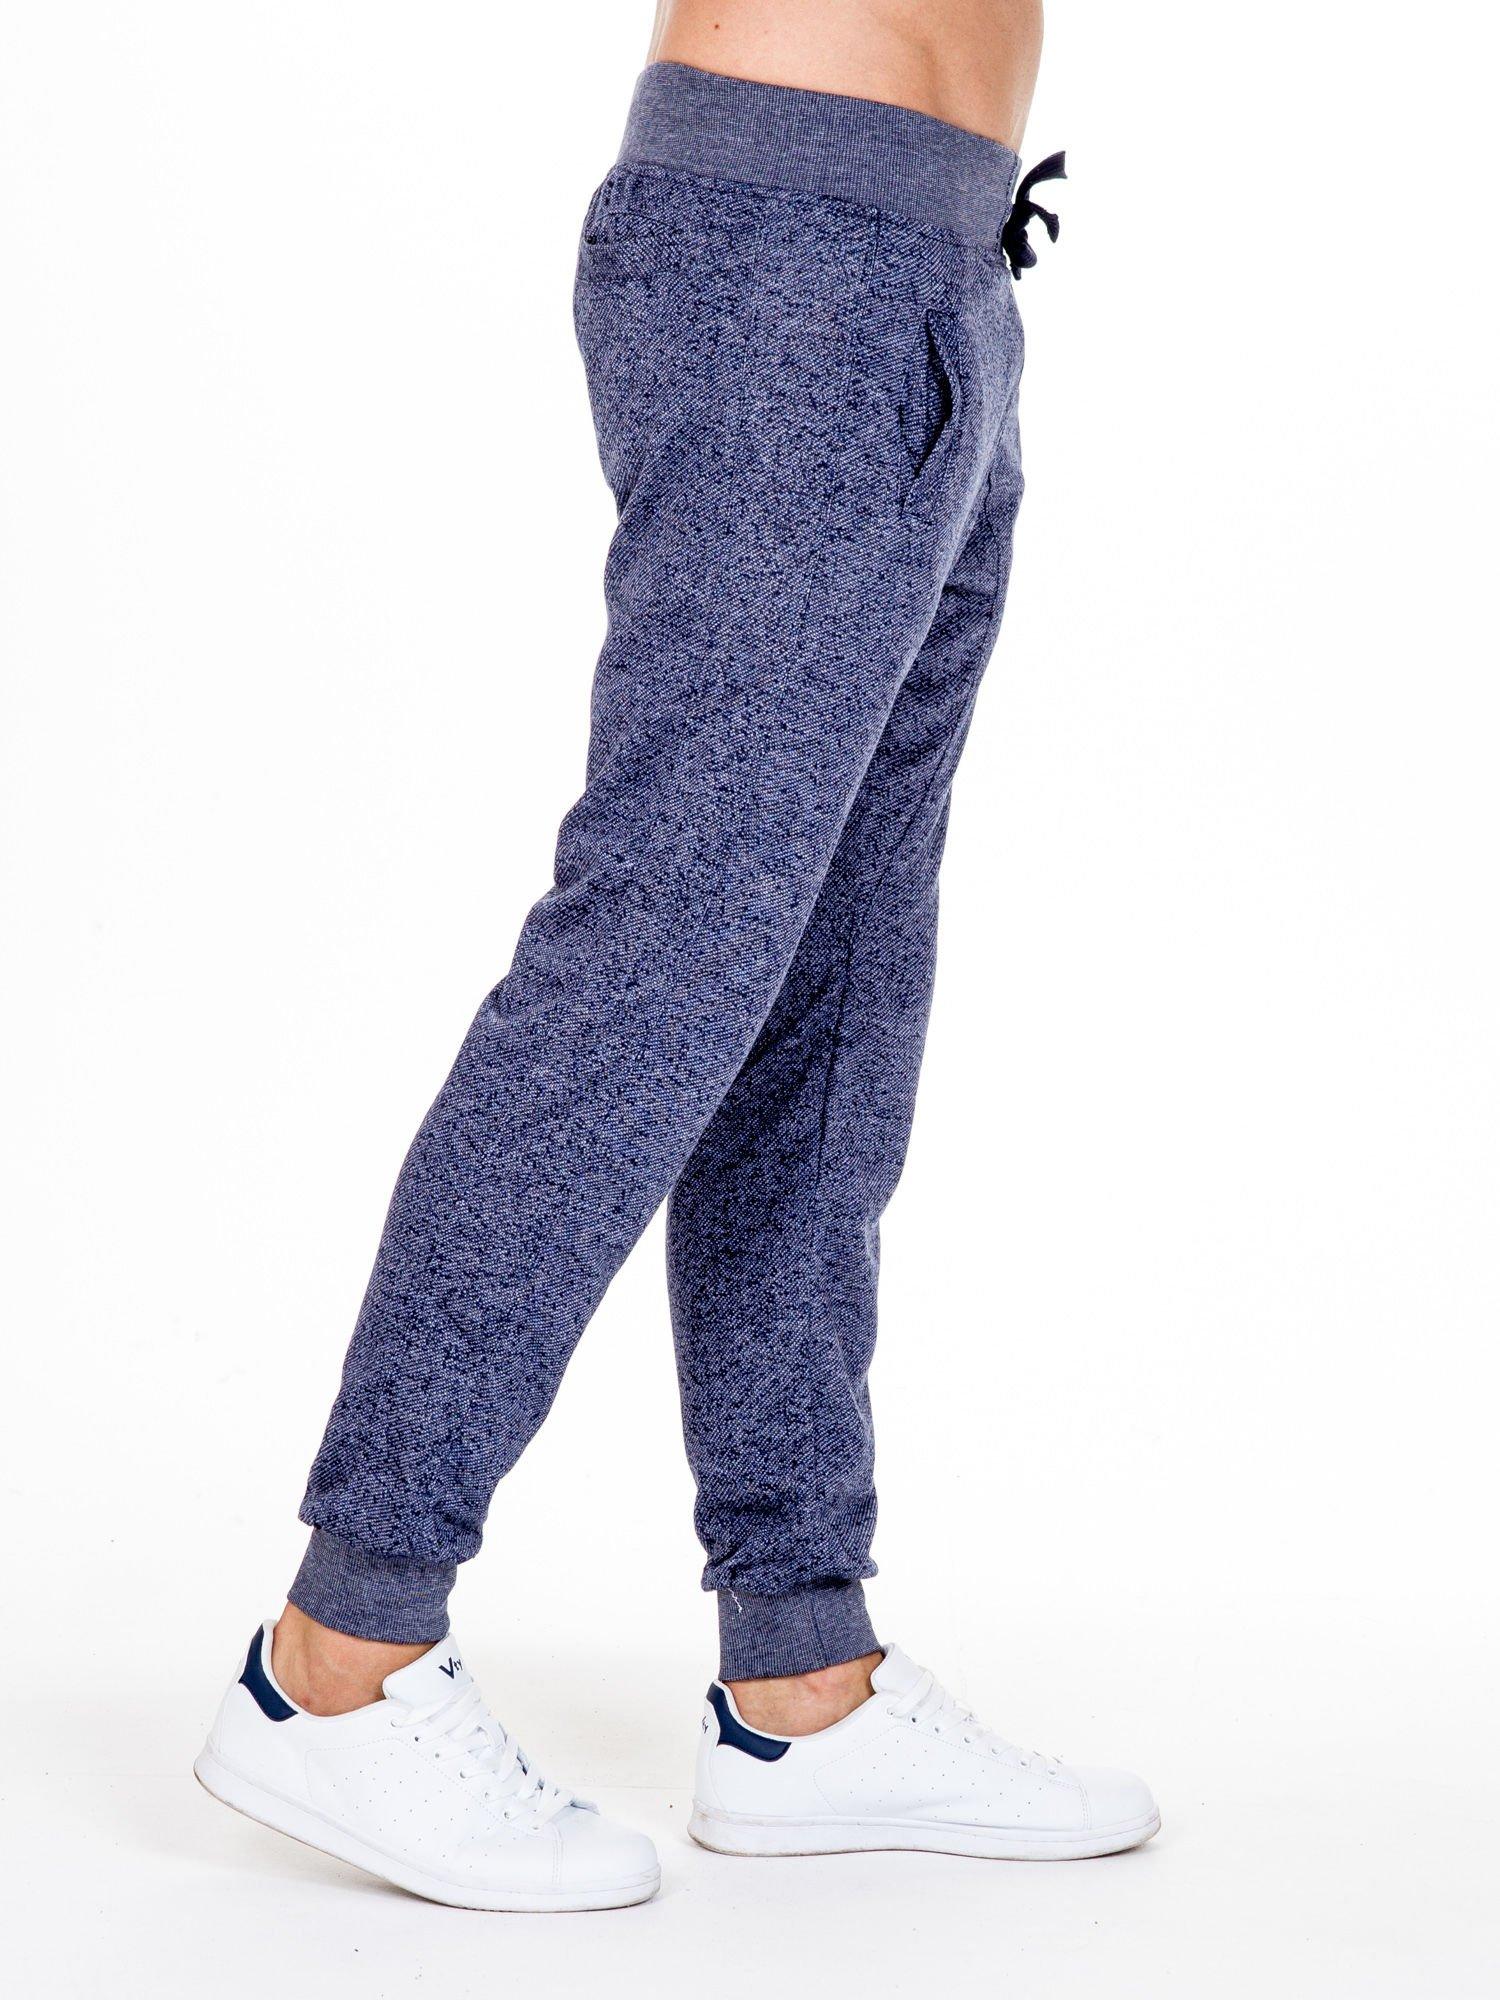 Granatowe melanżowe spodnie męskie z trokami i kieszeniami                                  zdj.                                  3